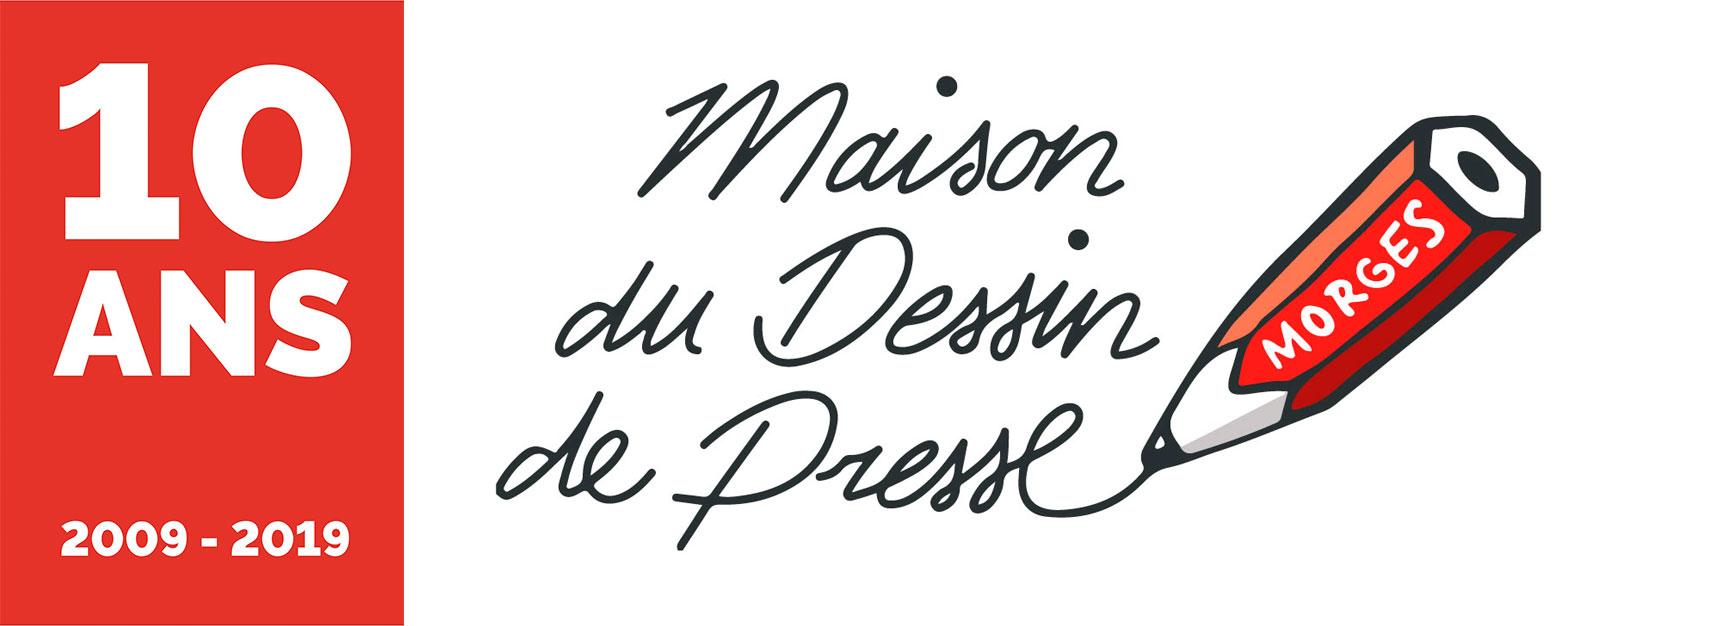 La Maison du Dessin de Presse